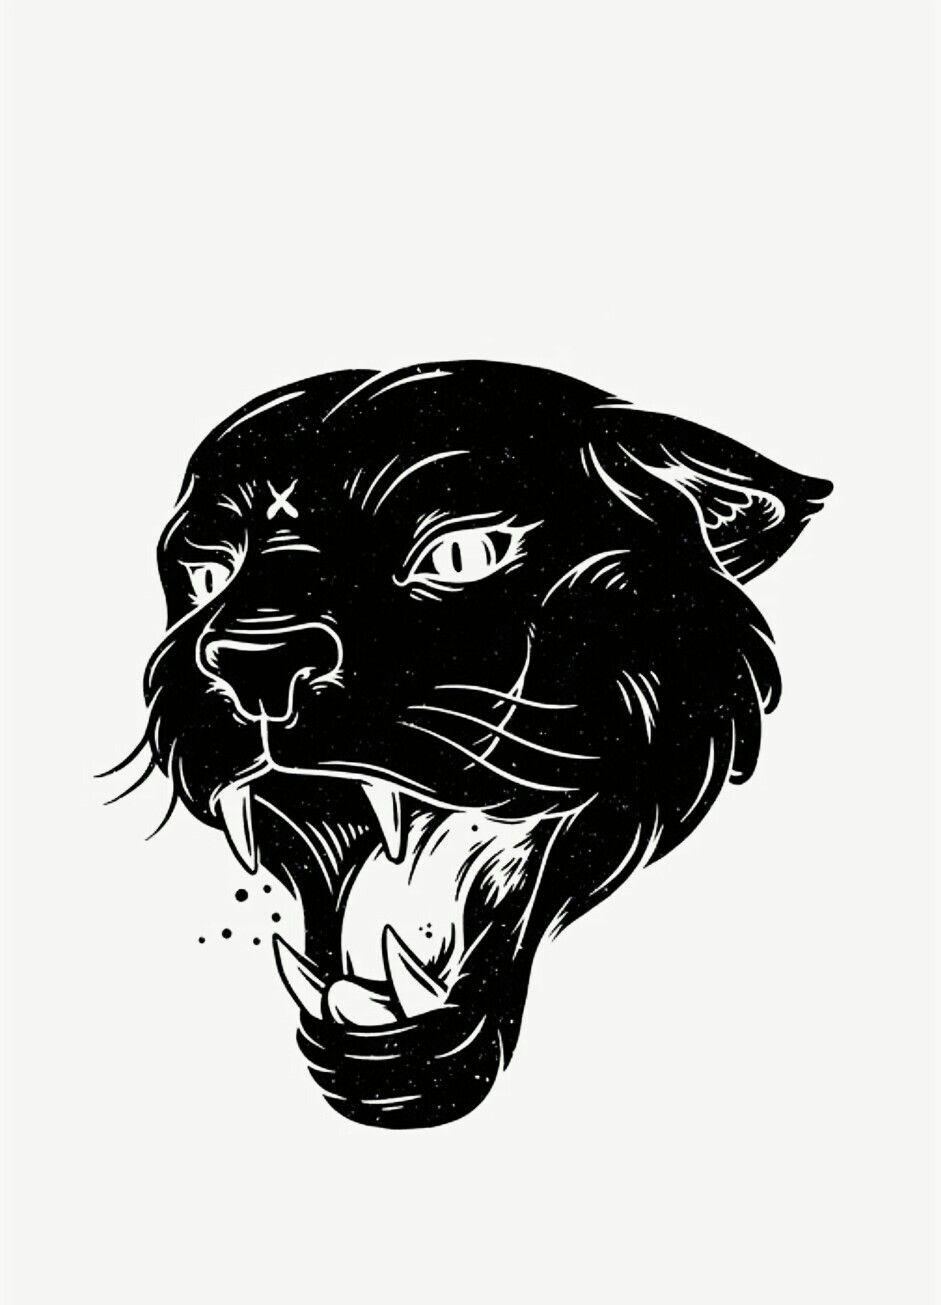 животные Lvr Pwr искусство тату эскиз тату Y татуировки